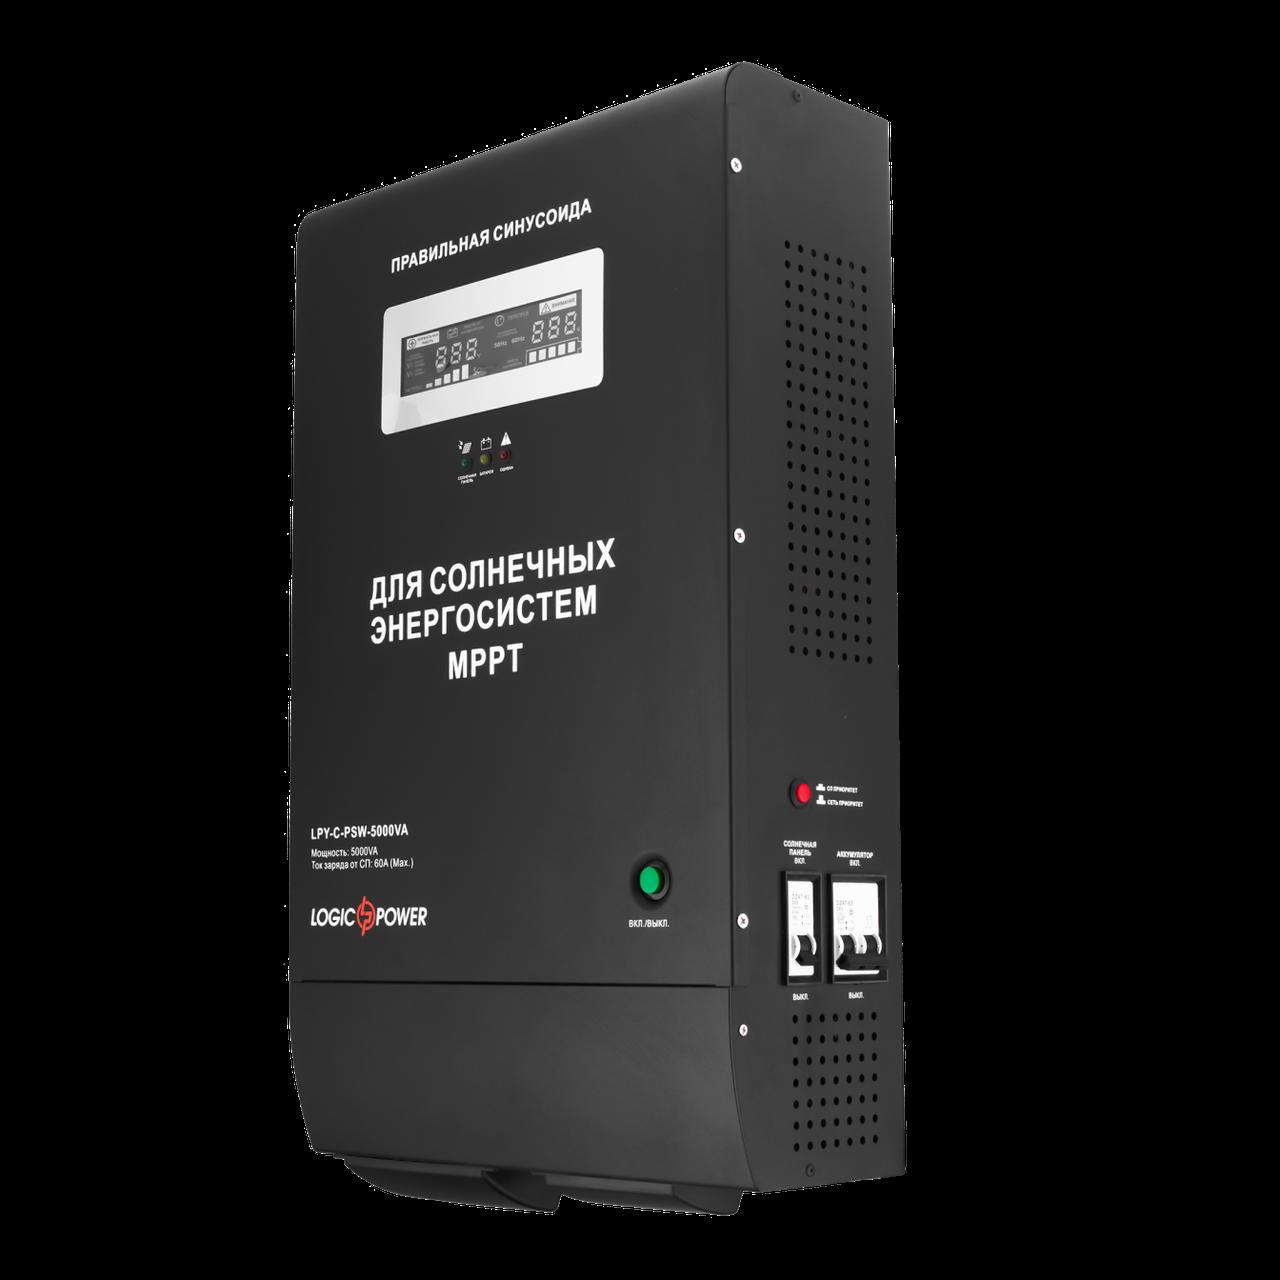 ИБП с правильной синусоидой LogicPower LPY-С-PSW-5000VA(3500W)MPPT48V для котлов и аварийного освещения